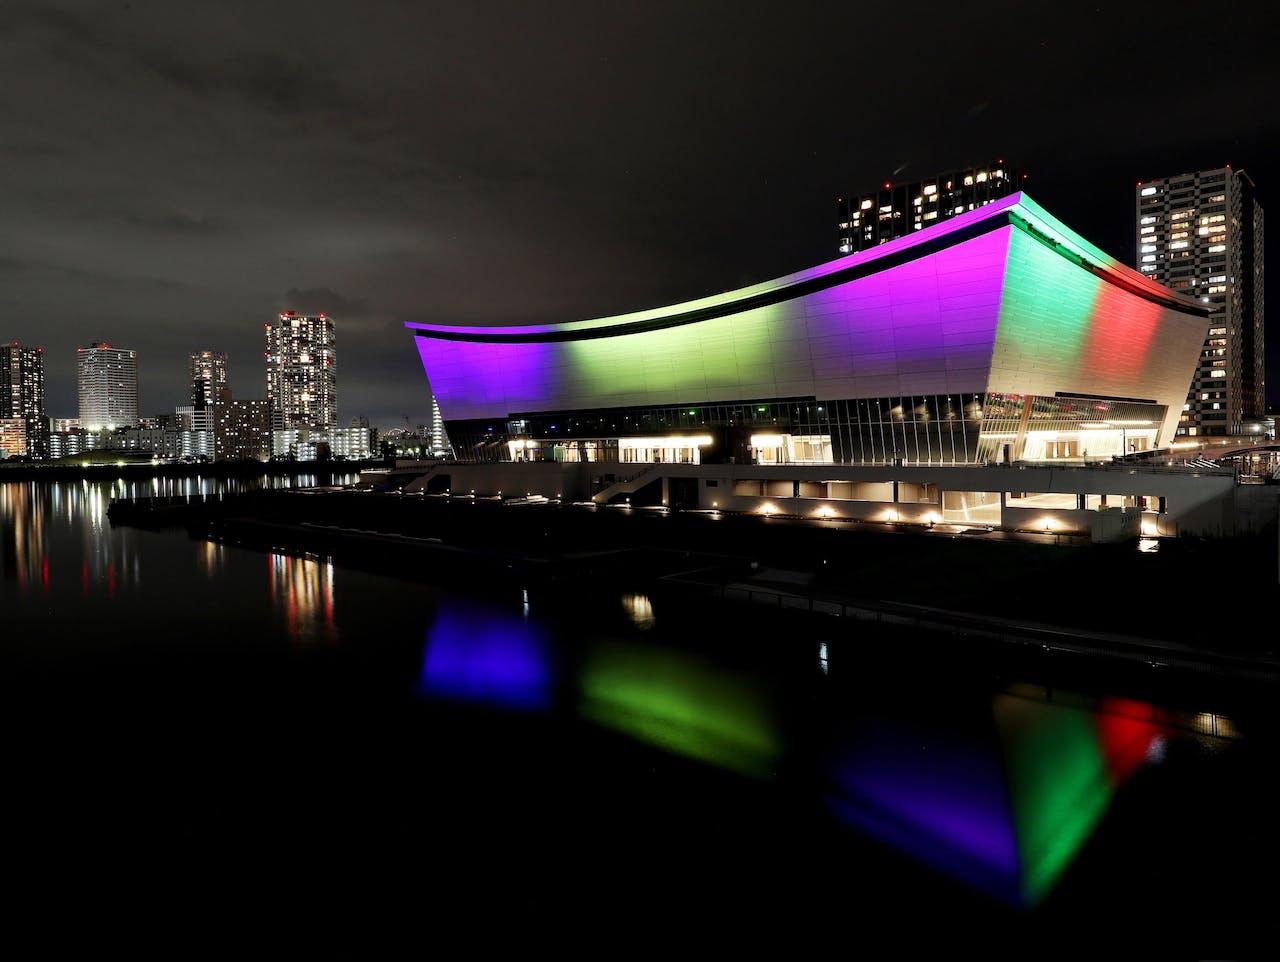 De Ariake Arena, gedecoreerd met de olympische kleuren